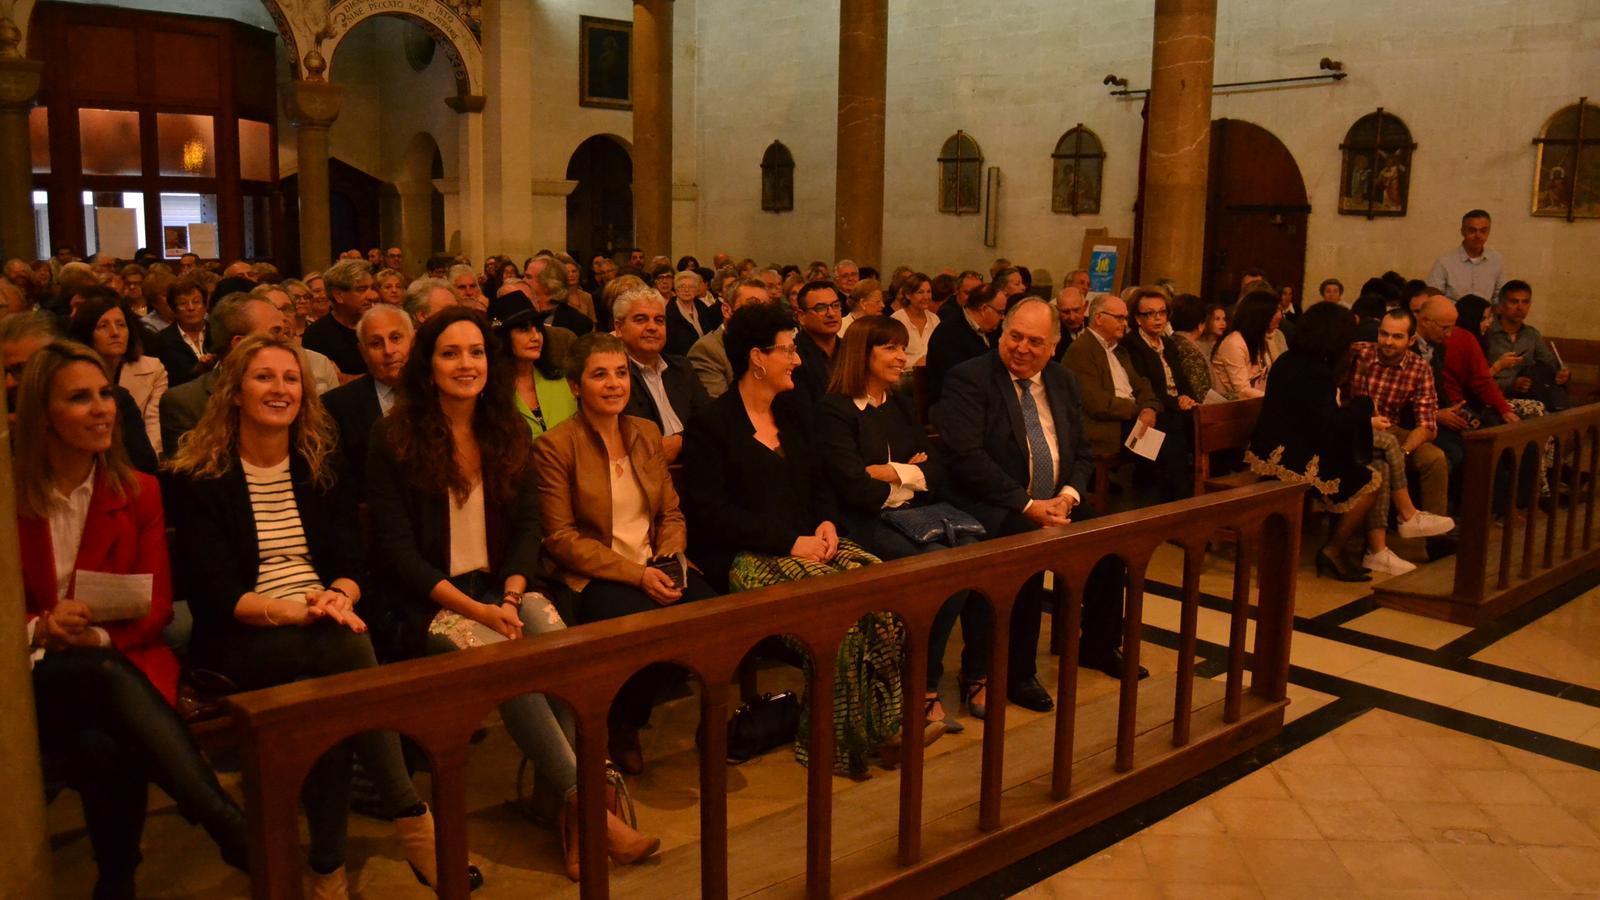 L'església de Crist Rei es va omplir de gent per presenciar l'entrega de l'A d'Or.